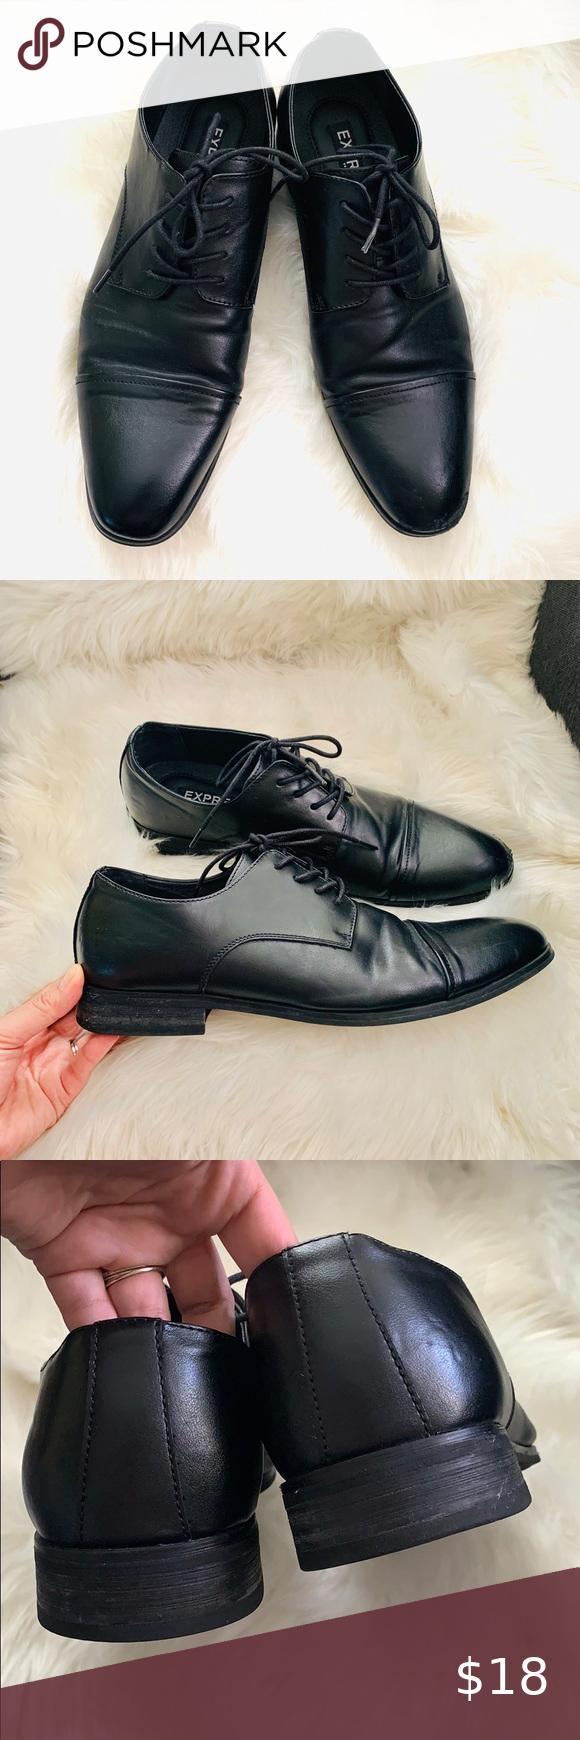 Men Black Dress Shoes Mens Black Dress Shoes Dress Shoes Men Black Dress Shoes [ 1740 x 580 Pixel ]